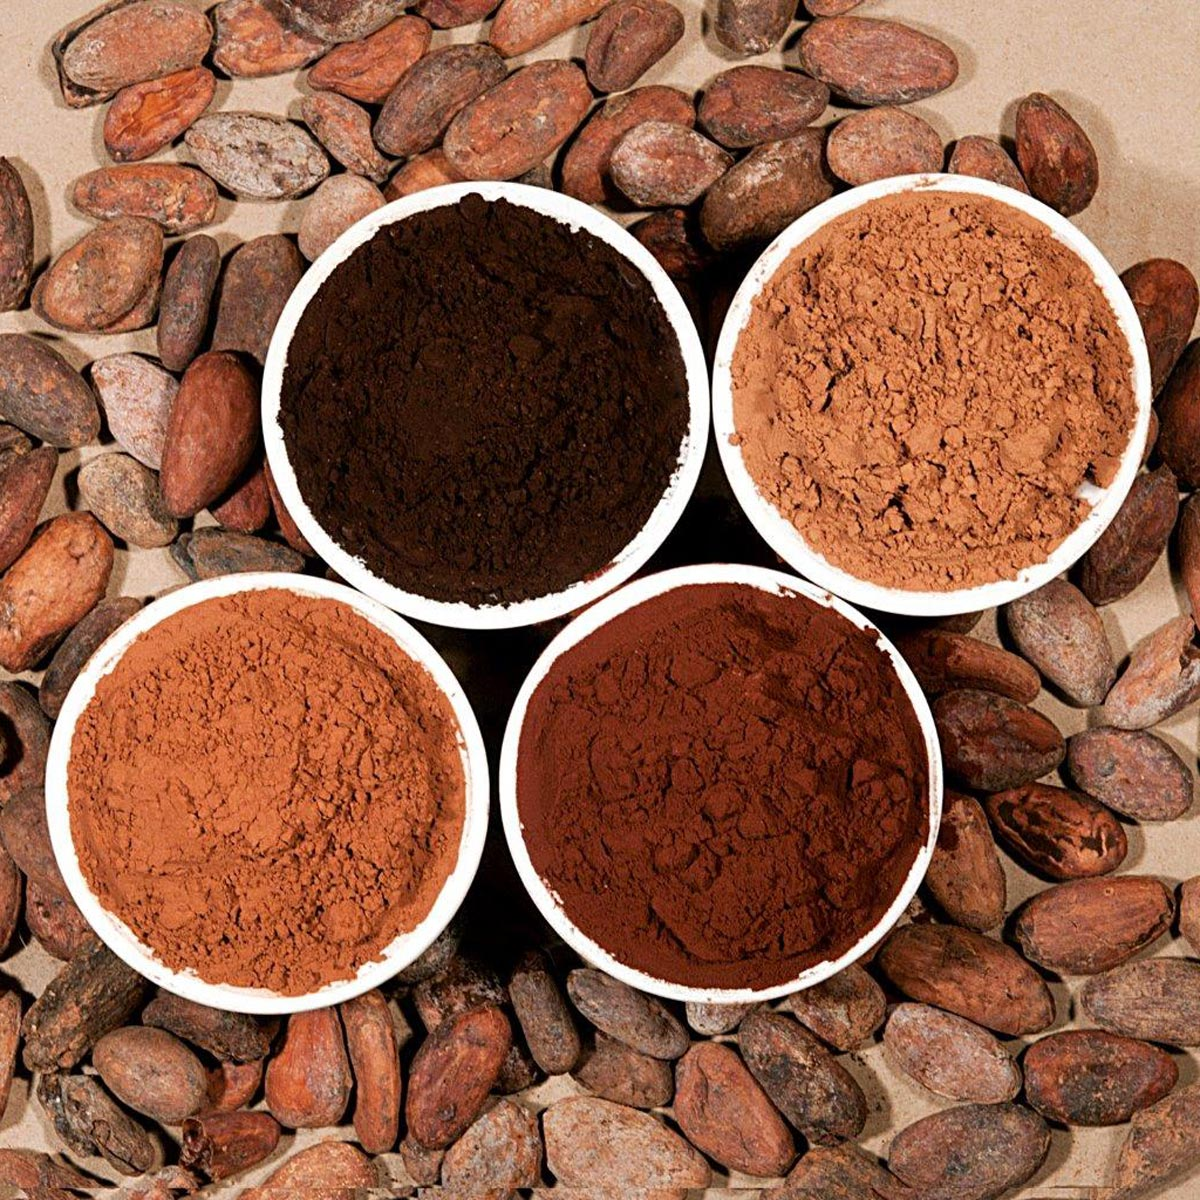 خرید و فروش انواع پودر کاکائو